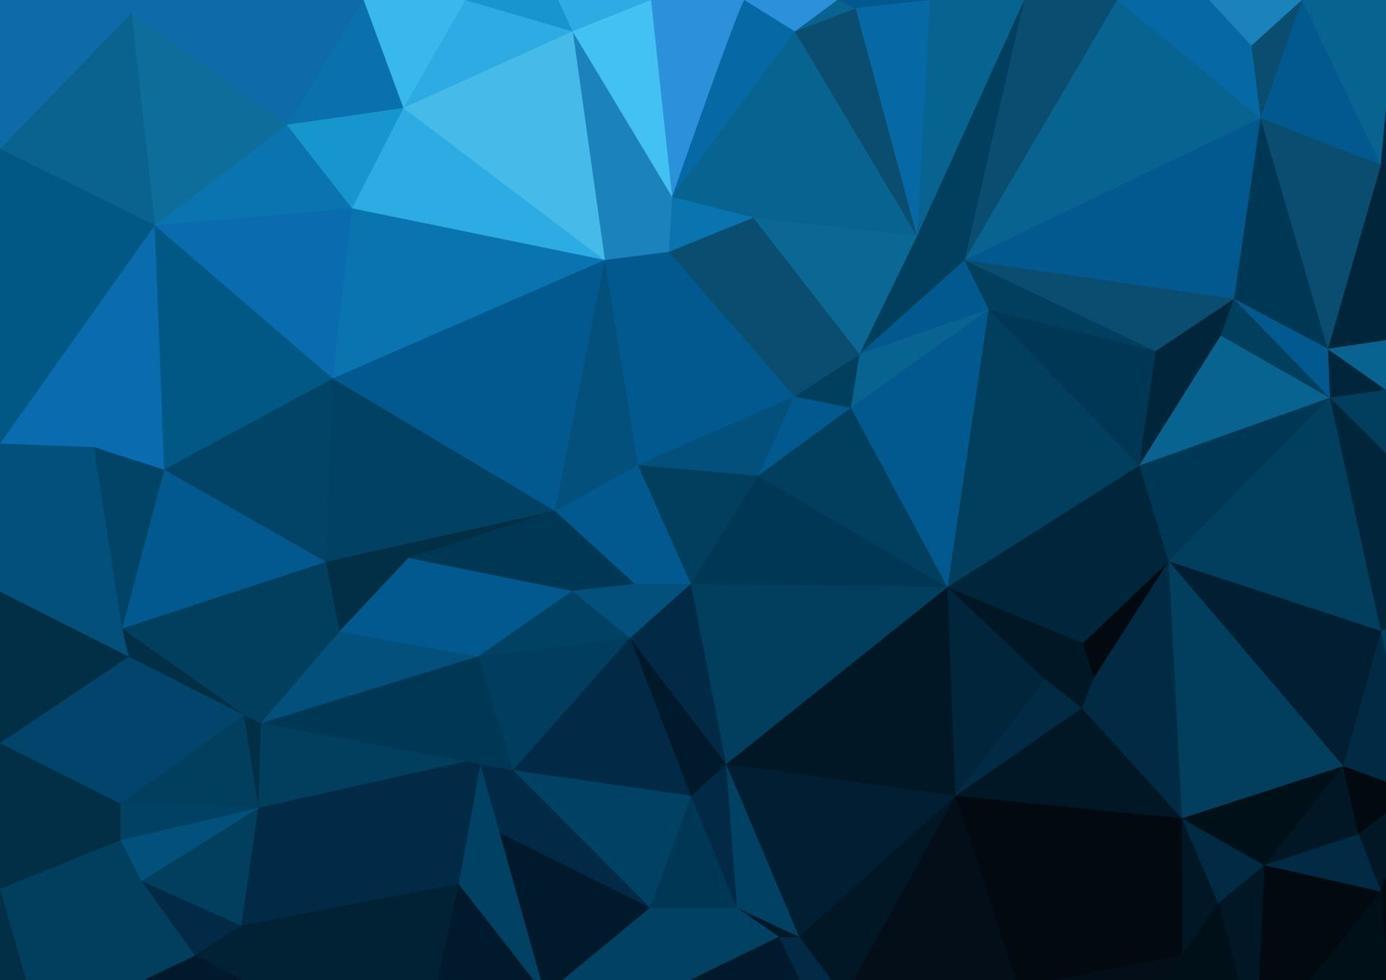 estilo polivinílico bajo triangular arrugado geométrico multicolor, fondo gráfico del ejemplo del gradiente. diseño poligonal vectorial. vector